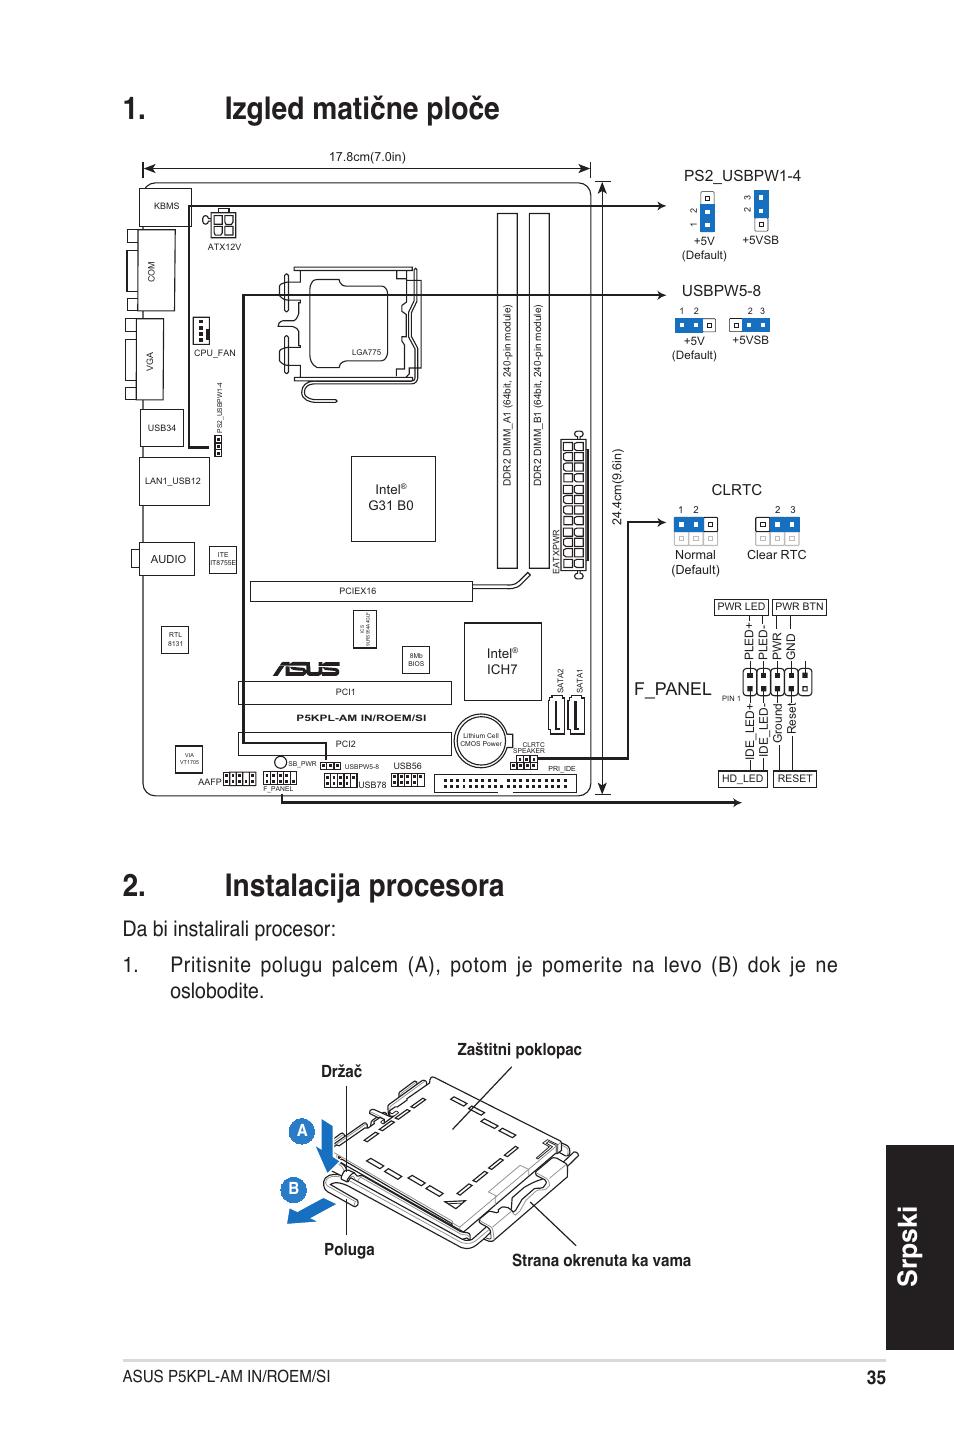 Izgled matične ploče u00 . instalacija procesora, Srpski